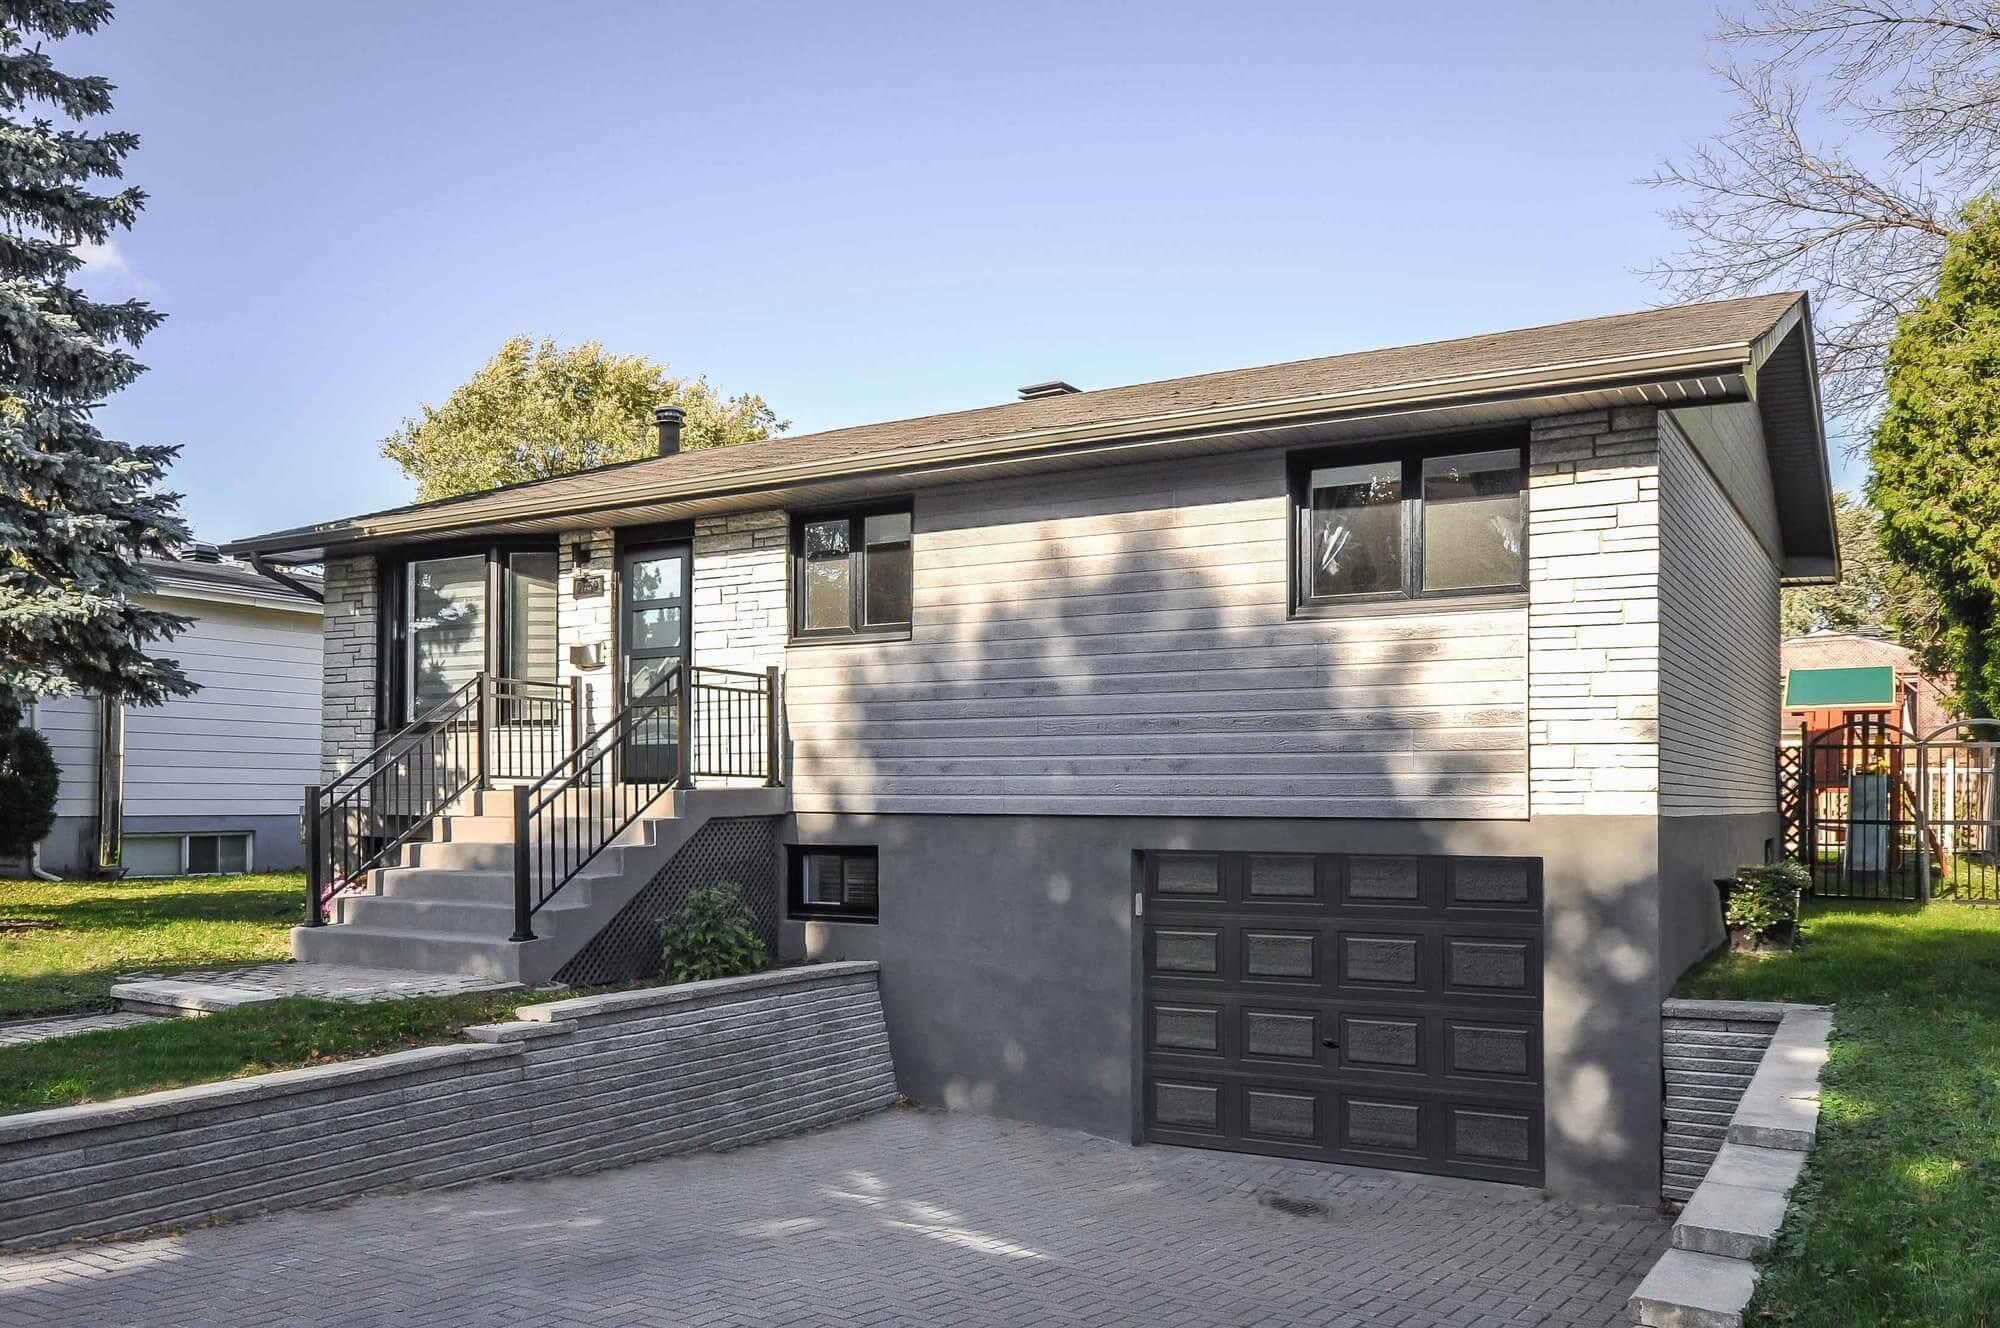 facade de maison nouvellement rénovée avec revêtement en vinyle et briques + nouvelles portes et fenêtres